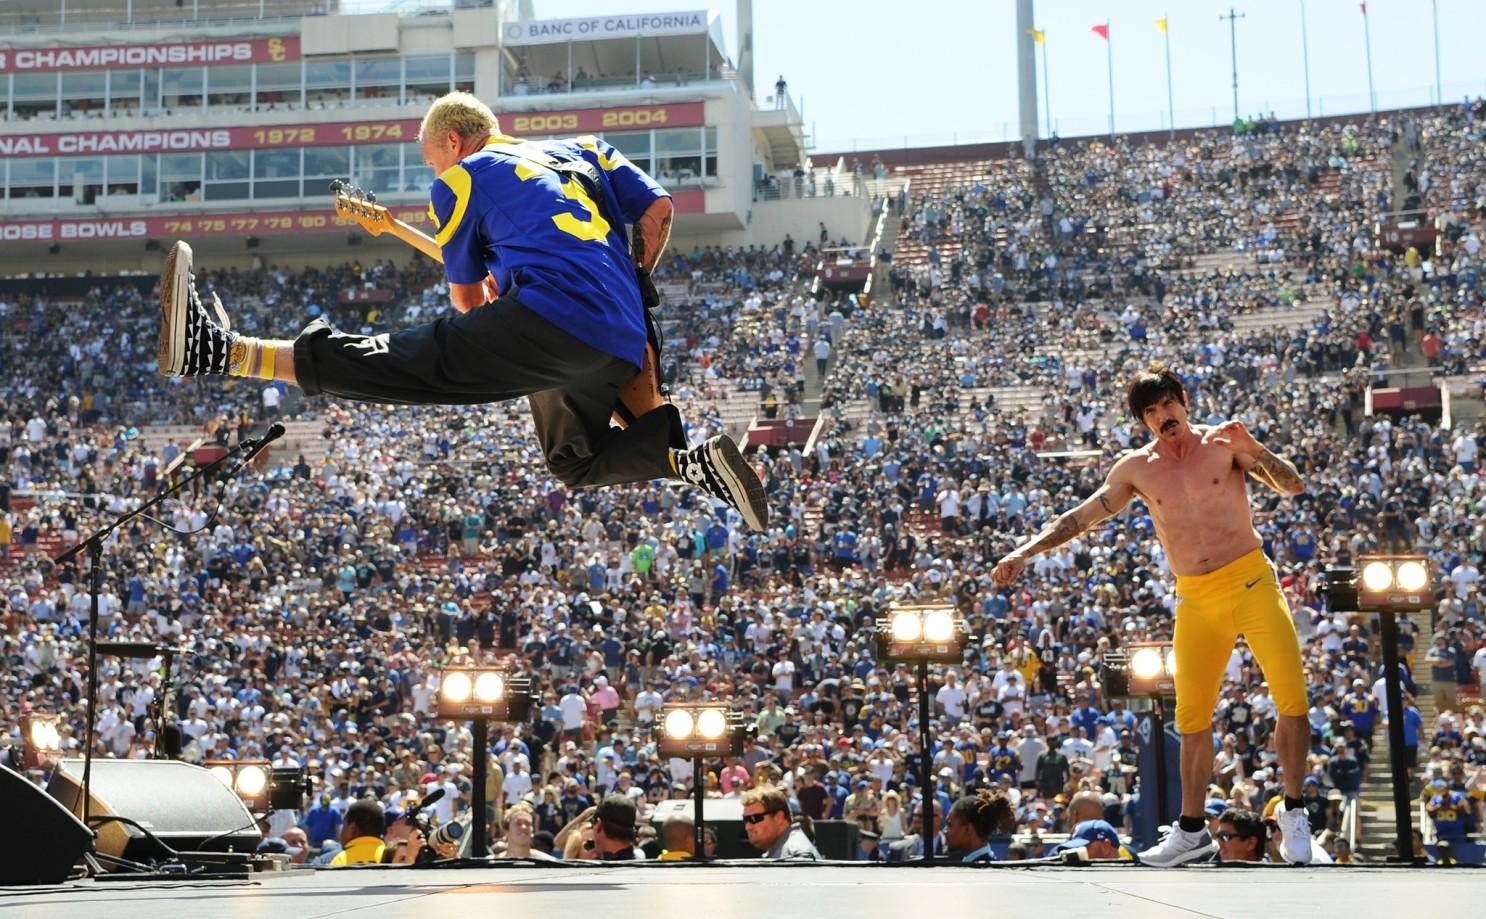 Ao fundo tem a arquibancada lotada no jogo de futebol americano do time Los Angeles Rams. No palco está o baixista Flea e o vocalista Anthony Kiedis iluminados por holofotes. Na parte superior esquerda, o baixista tem cabelo platinado e raspado. O baixista é registrado com o baixo de costas com um pulo alto em movimento de chute para a frente. O baixista veste a camisa do time Los Angeles Rams na cor azul e com detalhes amarelos, calça preta e tênis preto. Na parte direita da imagem, está o vocalista com cabelo castanho e bigode. O vocalista está de frente sem camisa, de bermuda amarela e tênis branco.